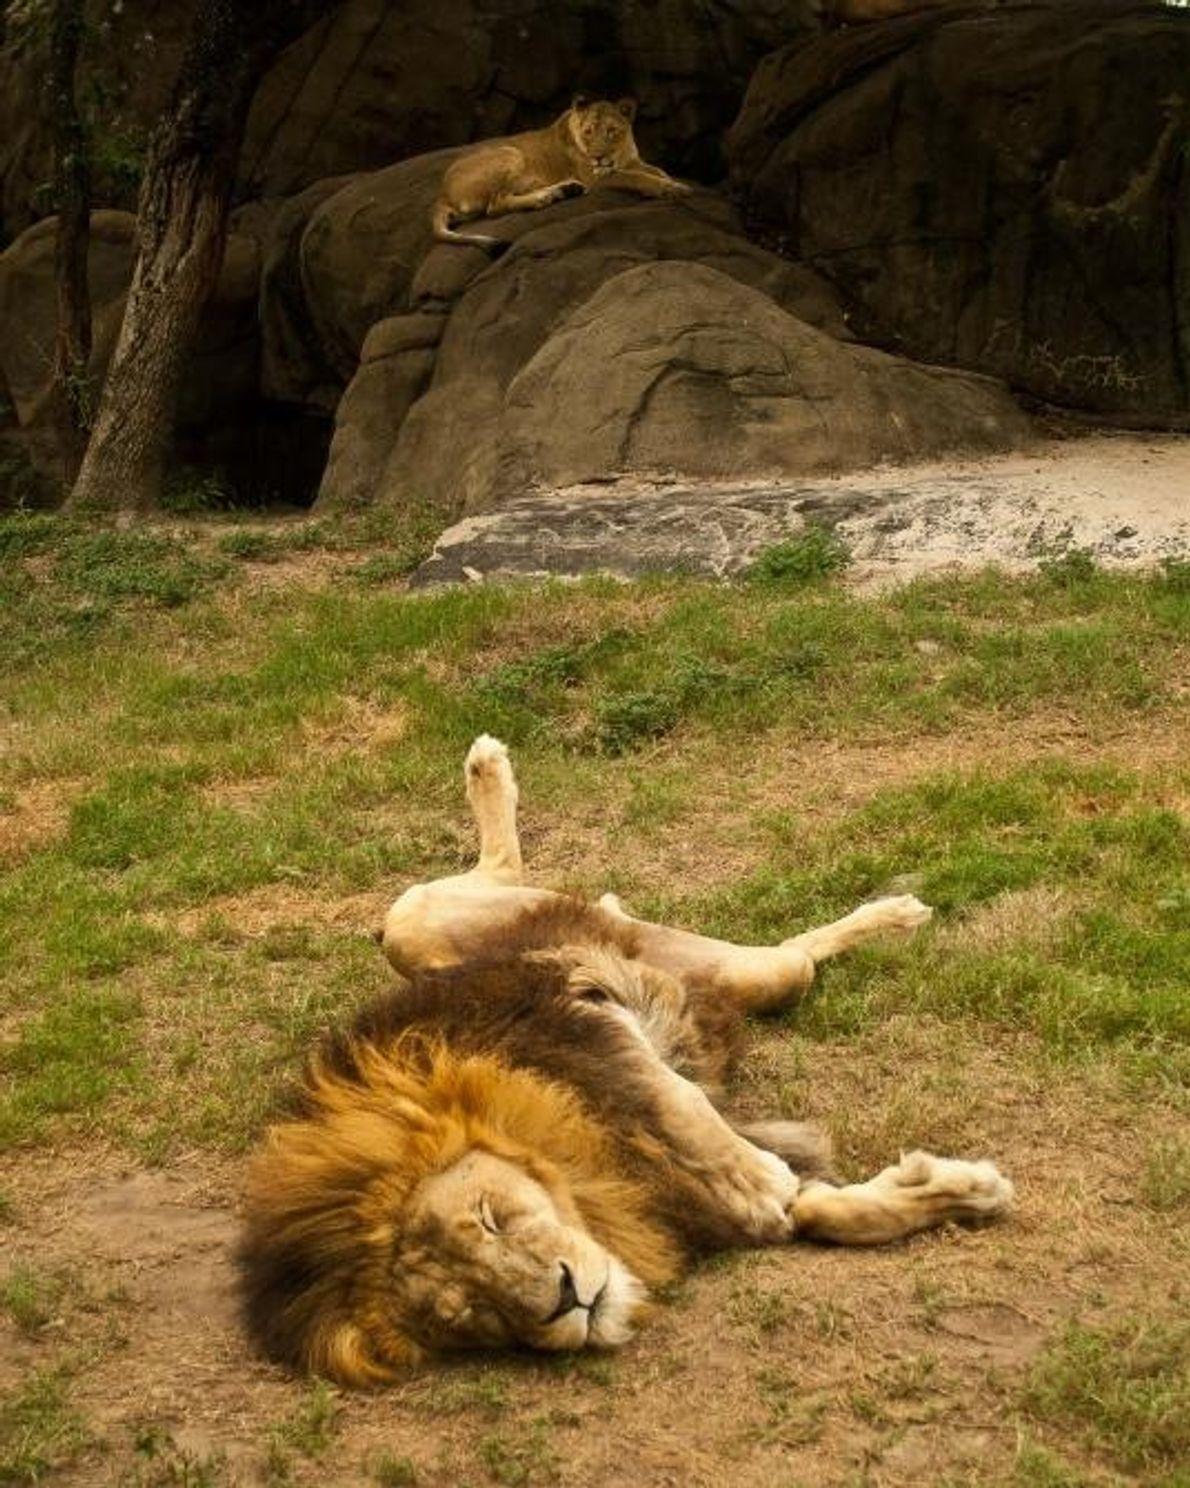 Un lion à Houston, au Texas, aux États-Unis.